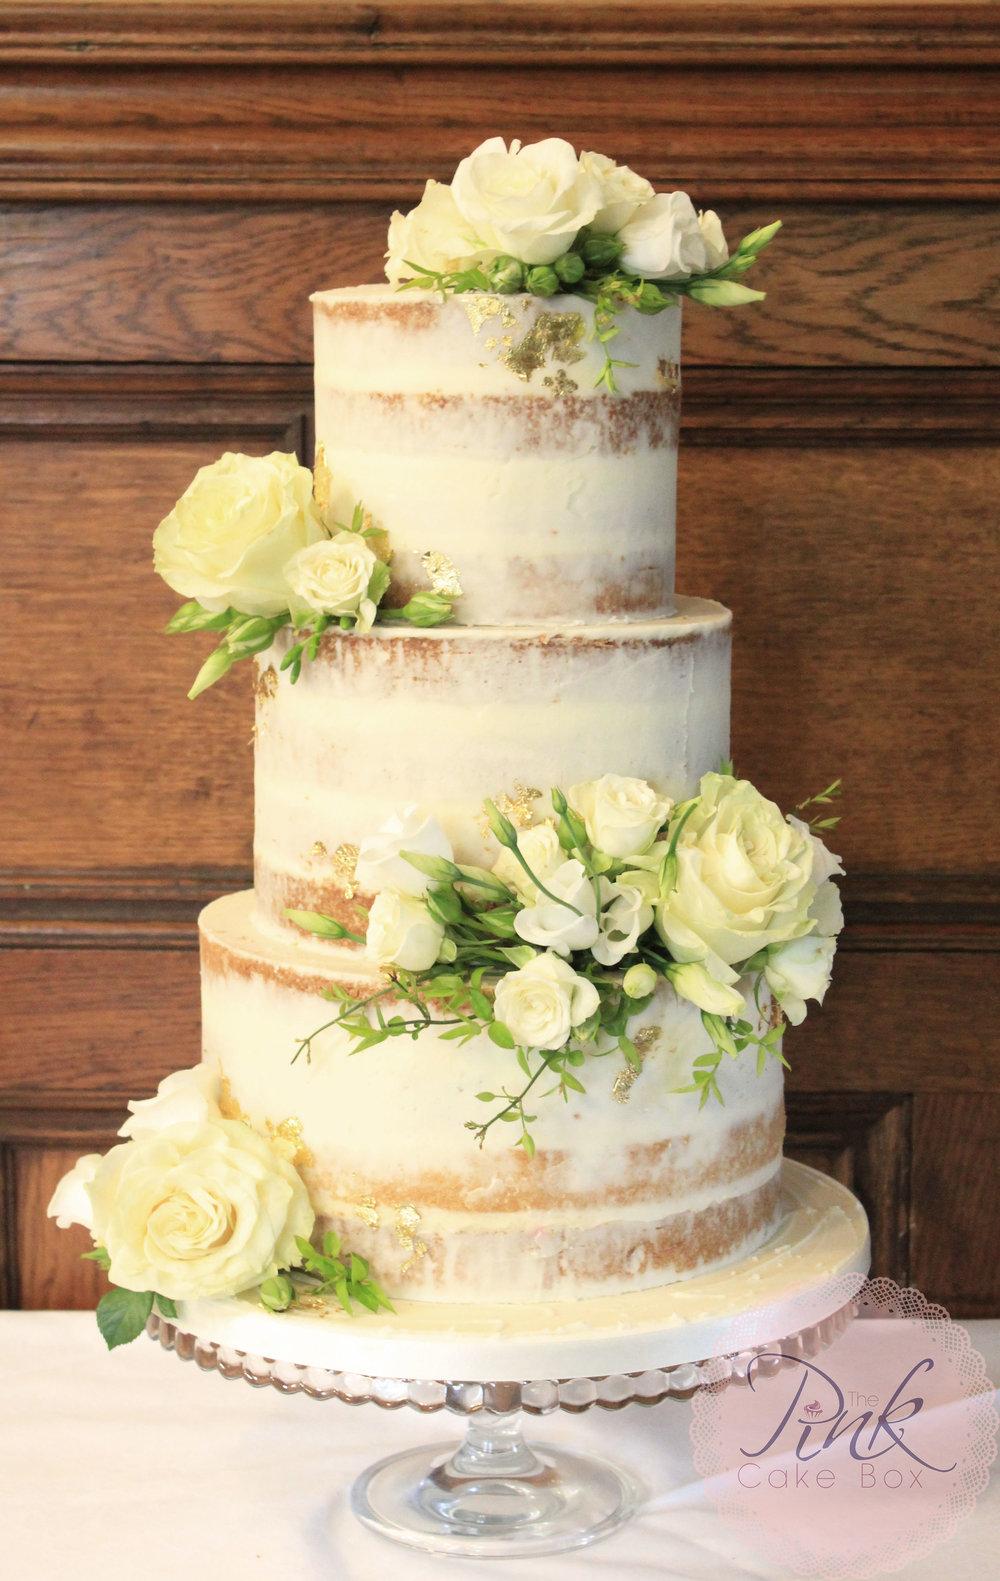 Naked Wedding Cakes — The Pink Cake Box Wedding Cake Design